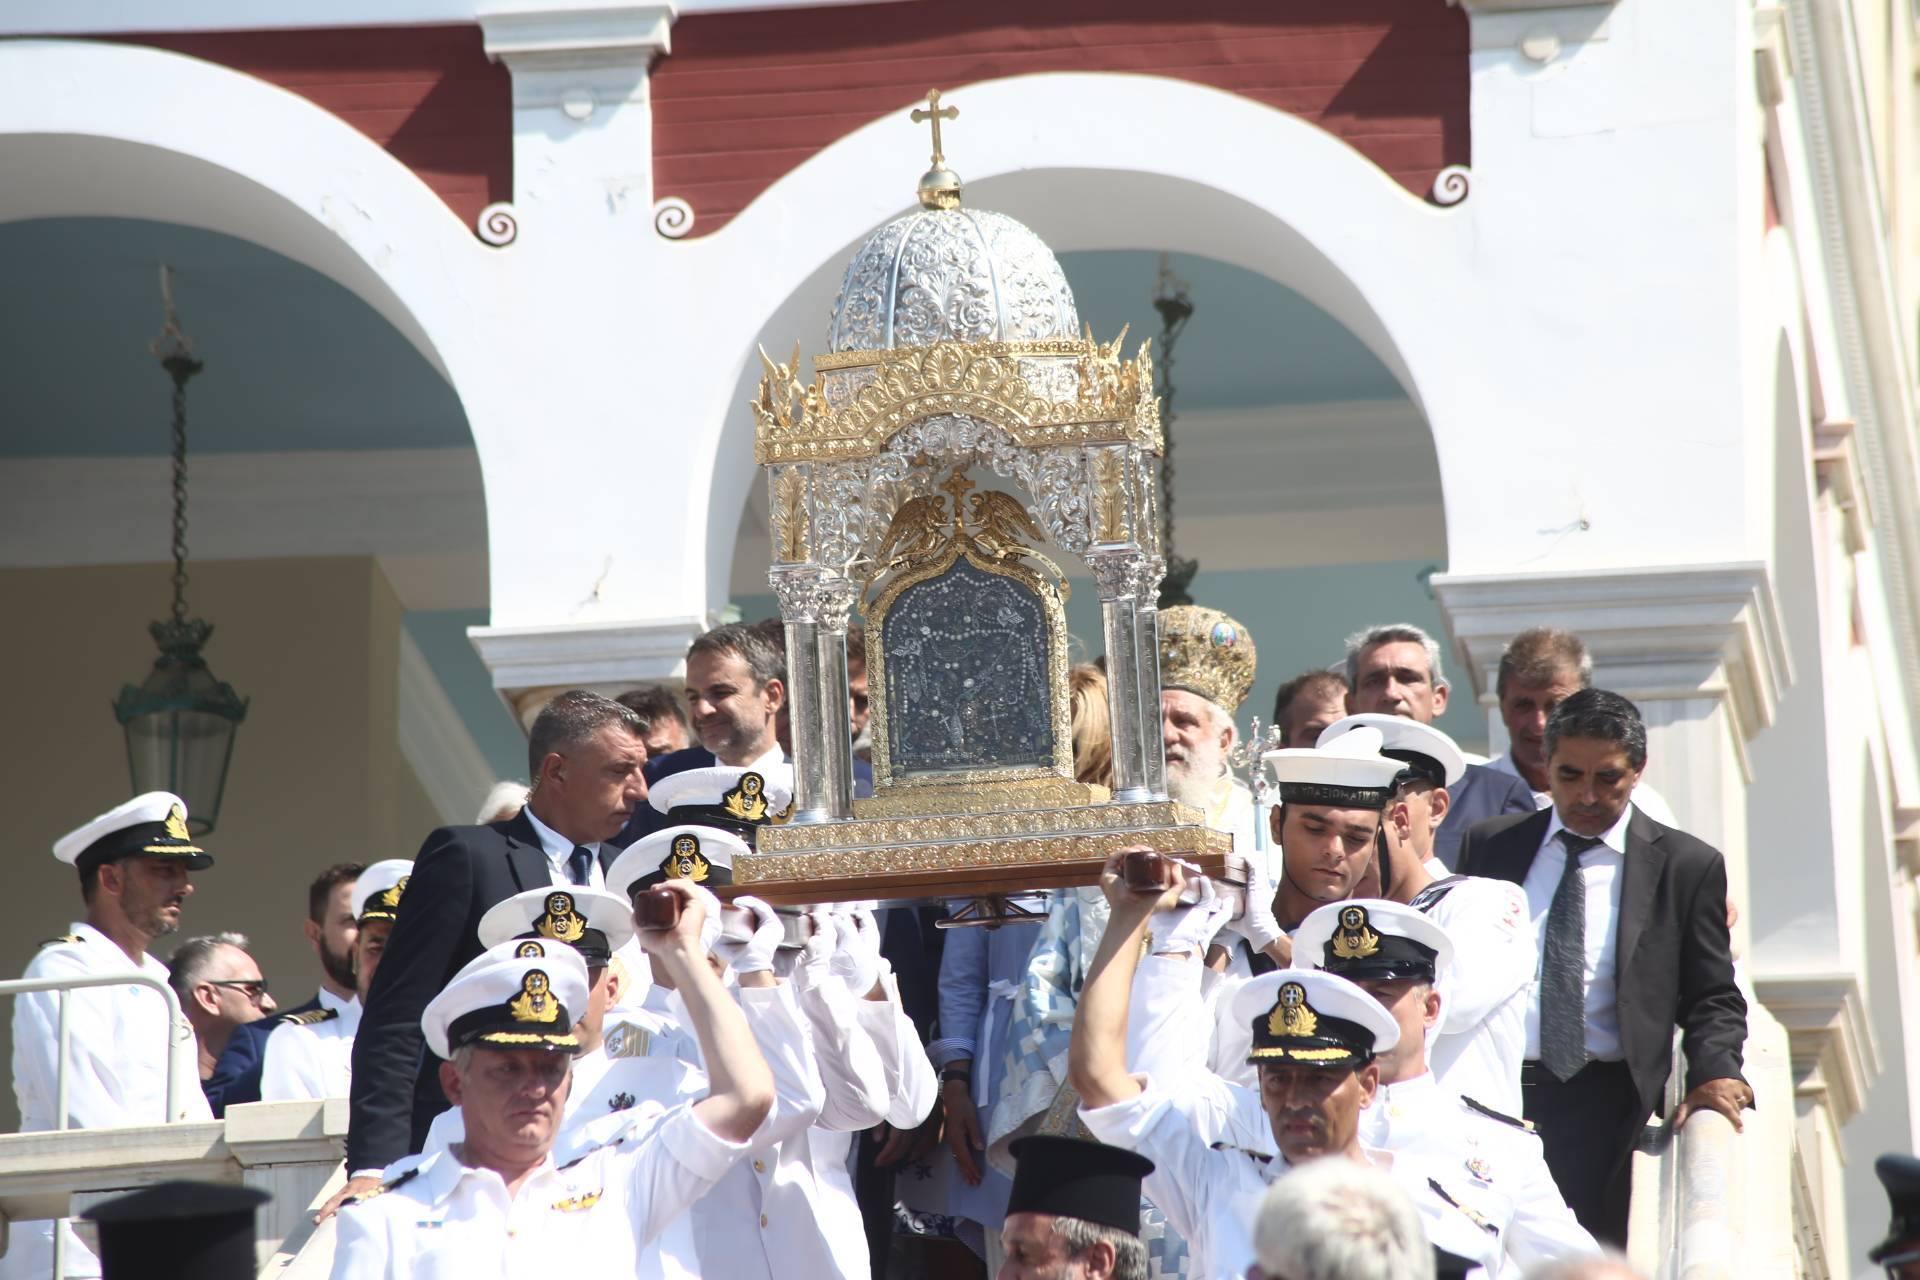 Όλη η Ελλάδα έκλεινε ευλαβικά το γόνυ στη χάρη της Παναγίας: Τήνος-Πάρος-Βέρμιο στο επίκεντρο των εορτασμών..ΕΙΚΟΝΕΣ